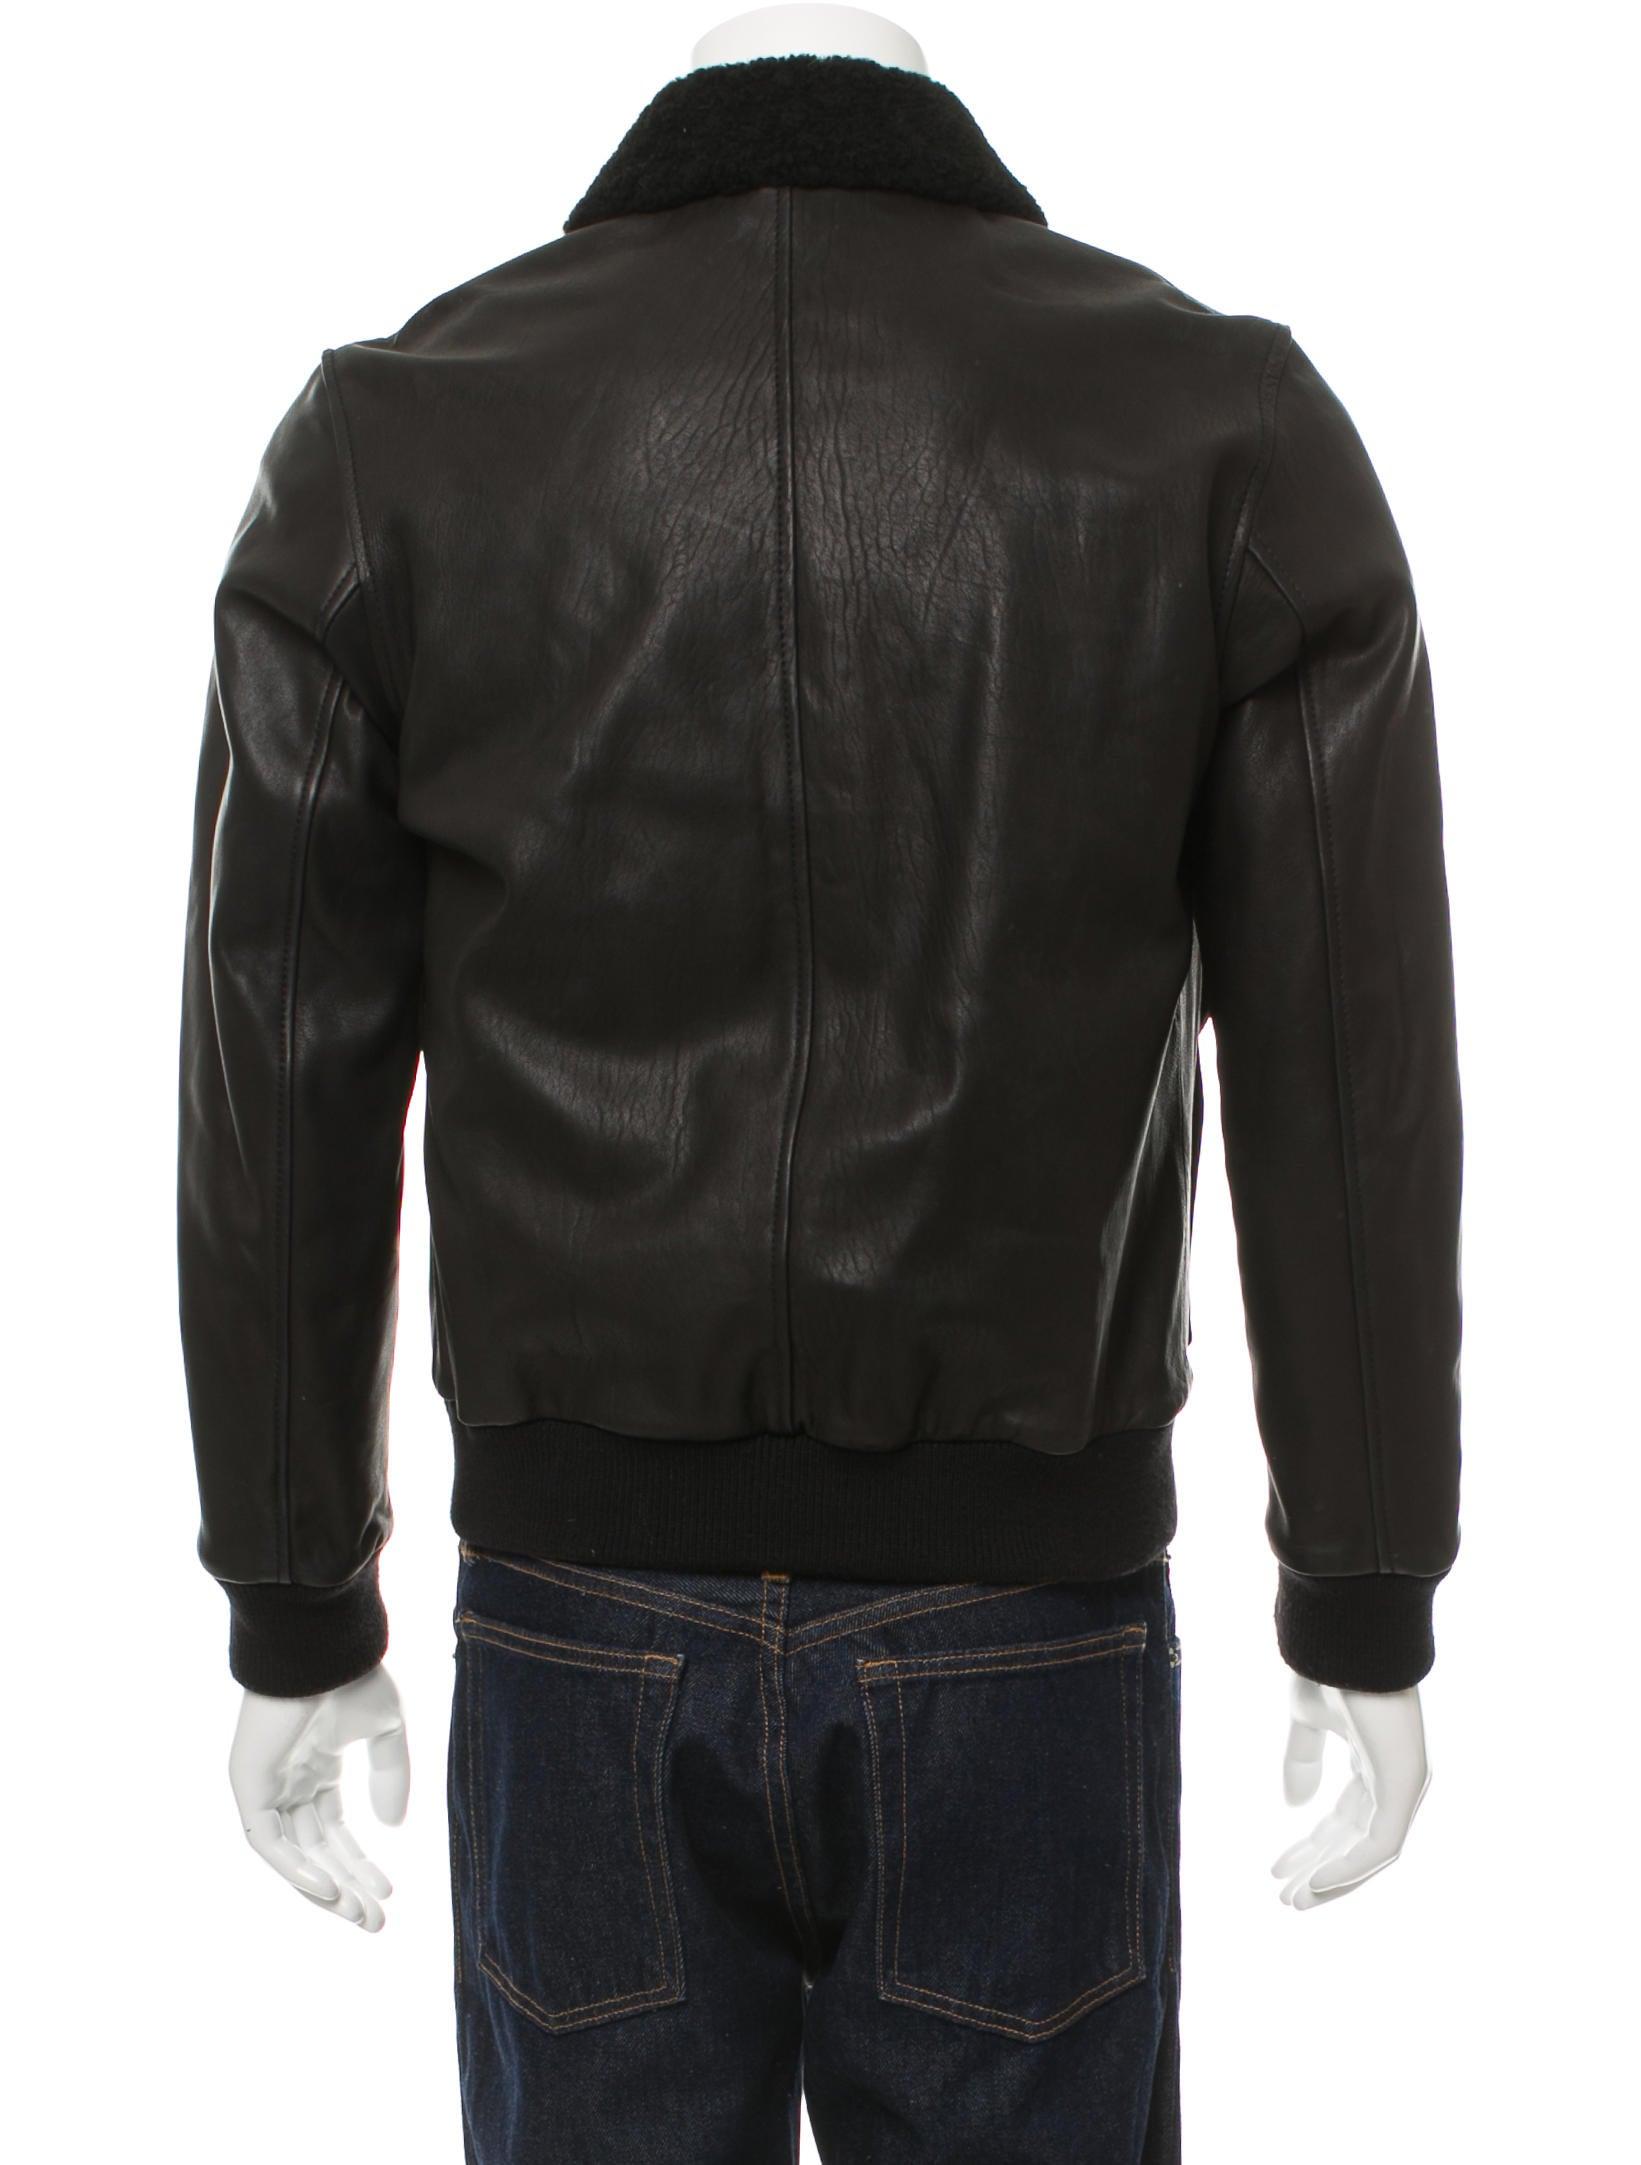 Ami leather jacket